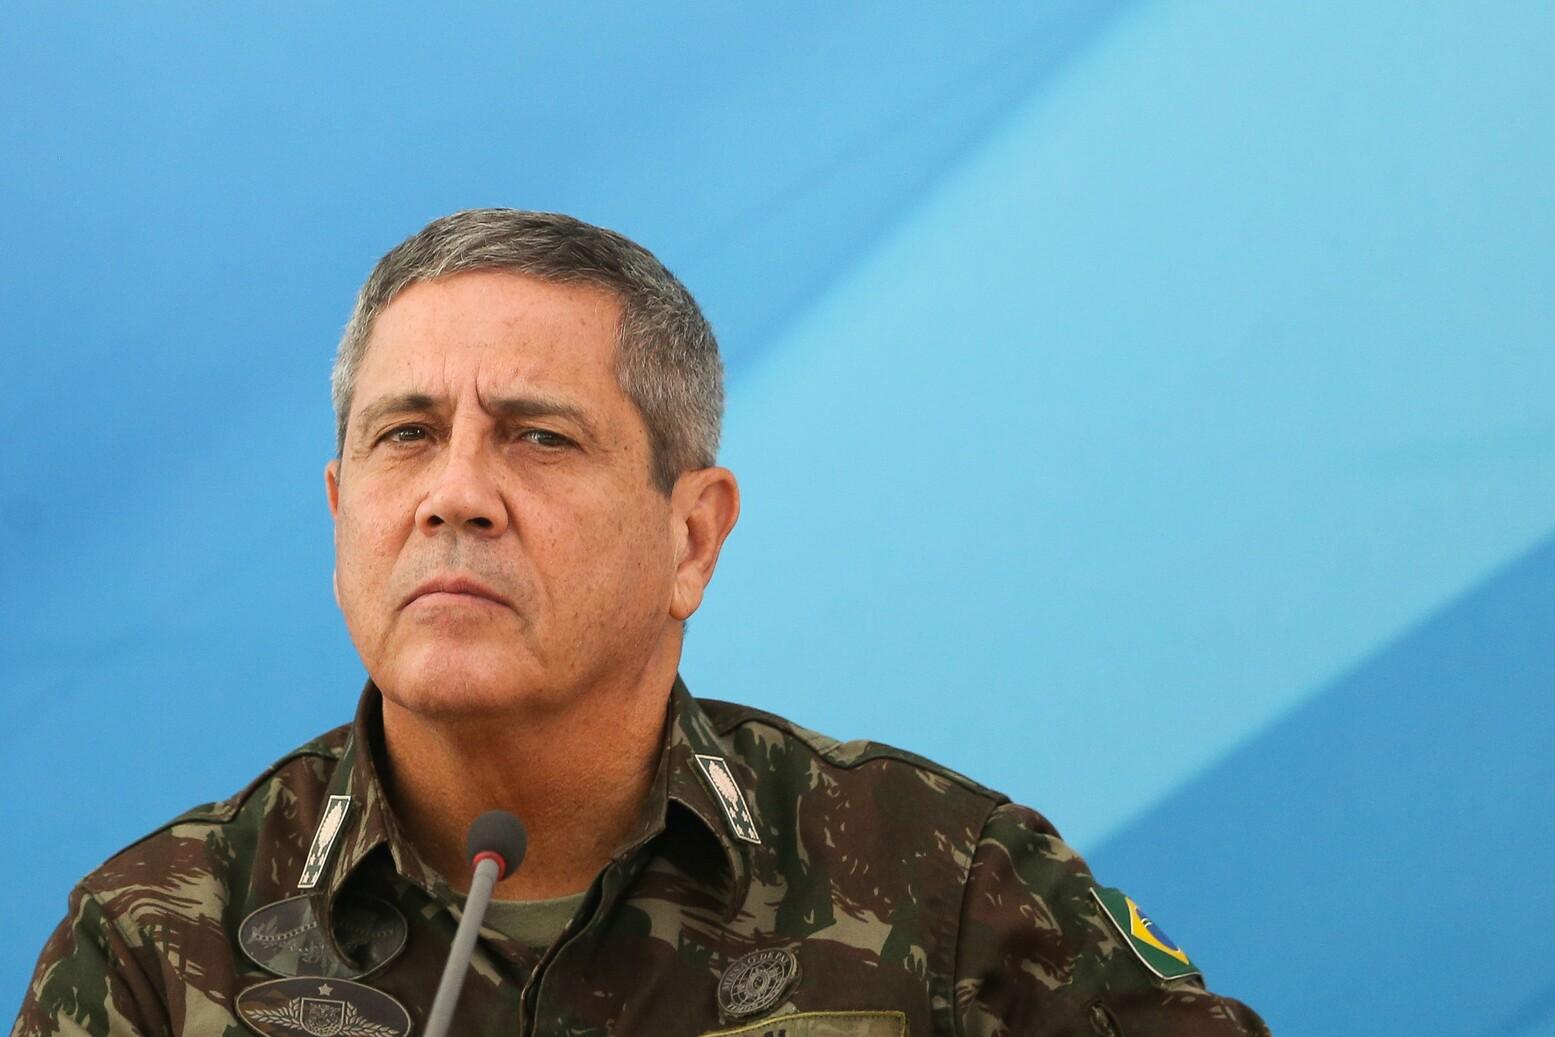 Interventor anunciará general da ativa para Secretaria de Segurança do Rio